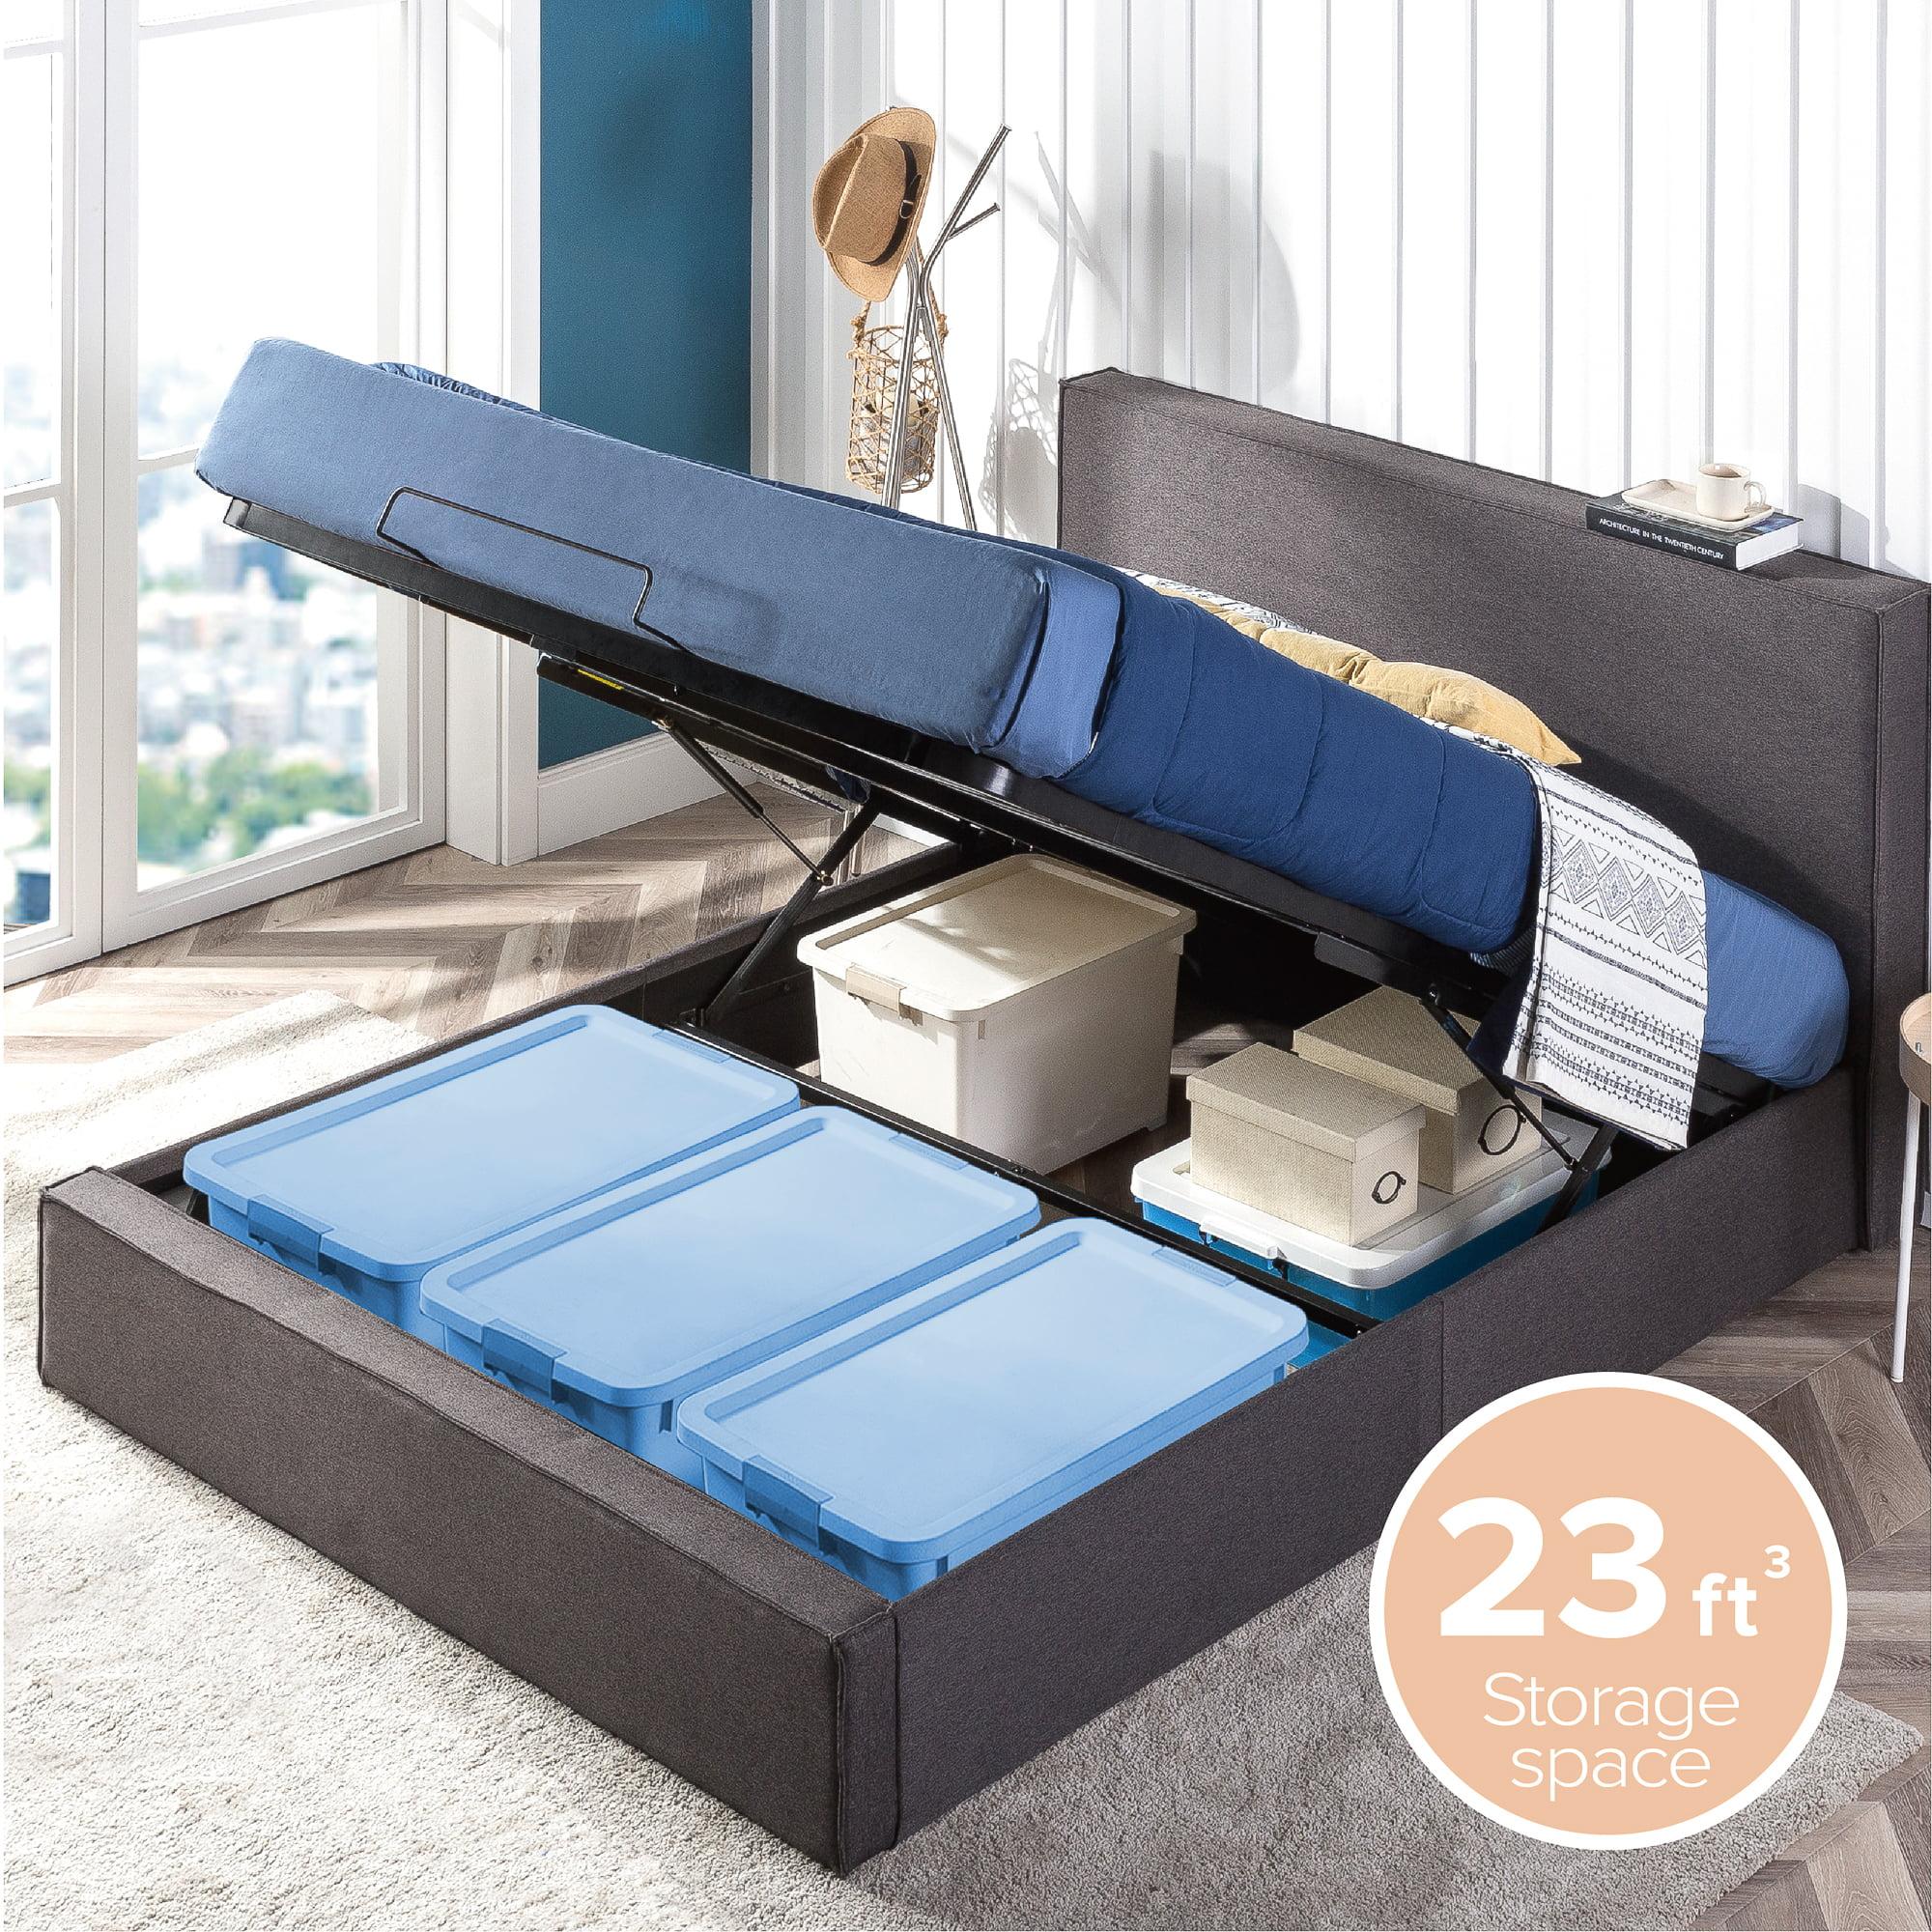 Upholstered Platform Bed Frame With, Platform Bed Frame With Storage Queen